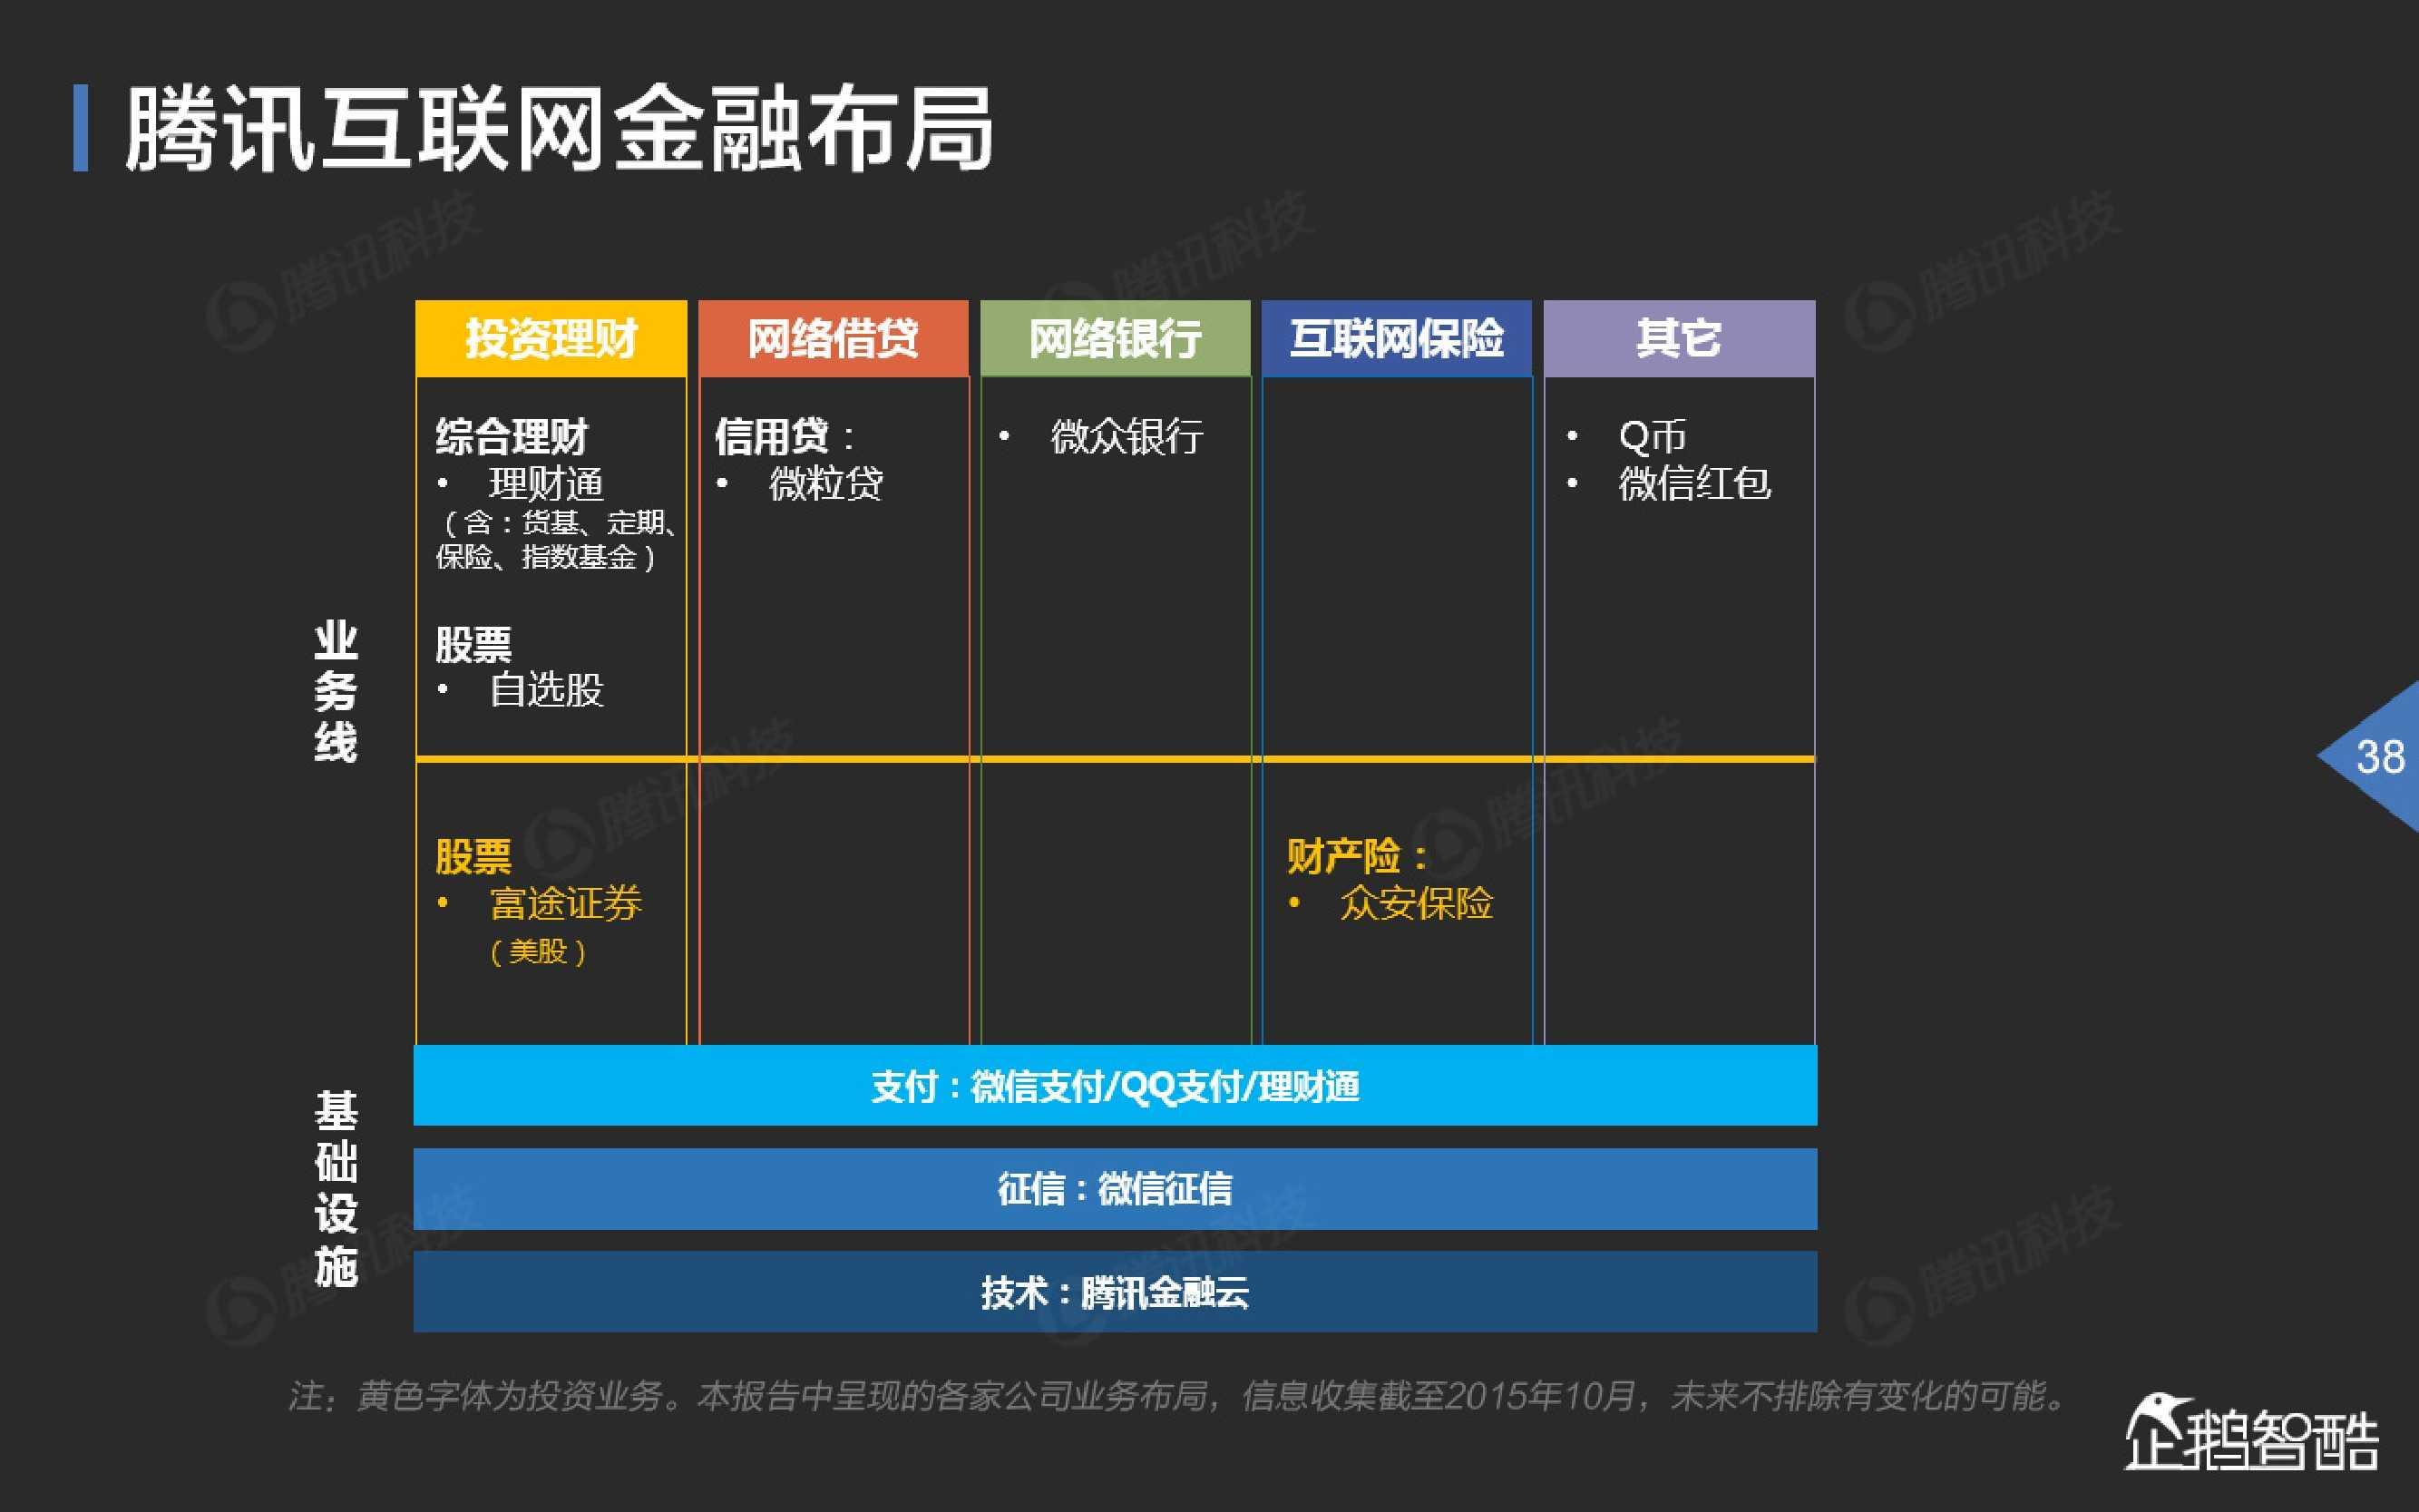 2015中国互联网金融趋势报告_000039